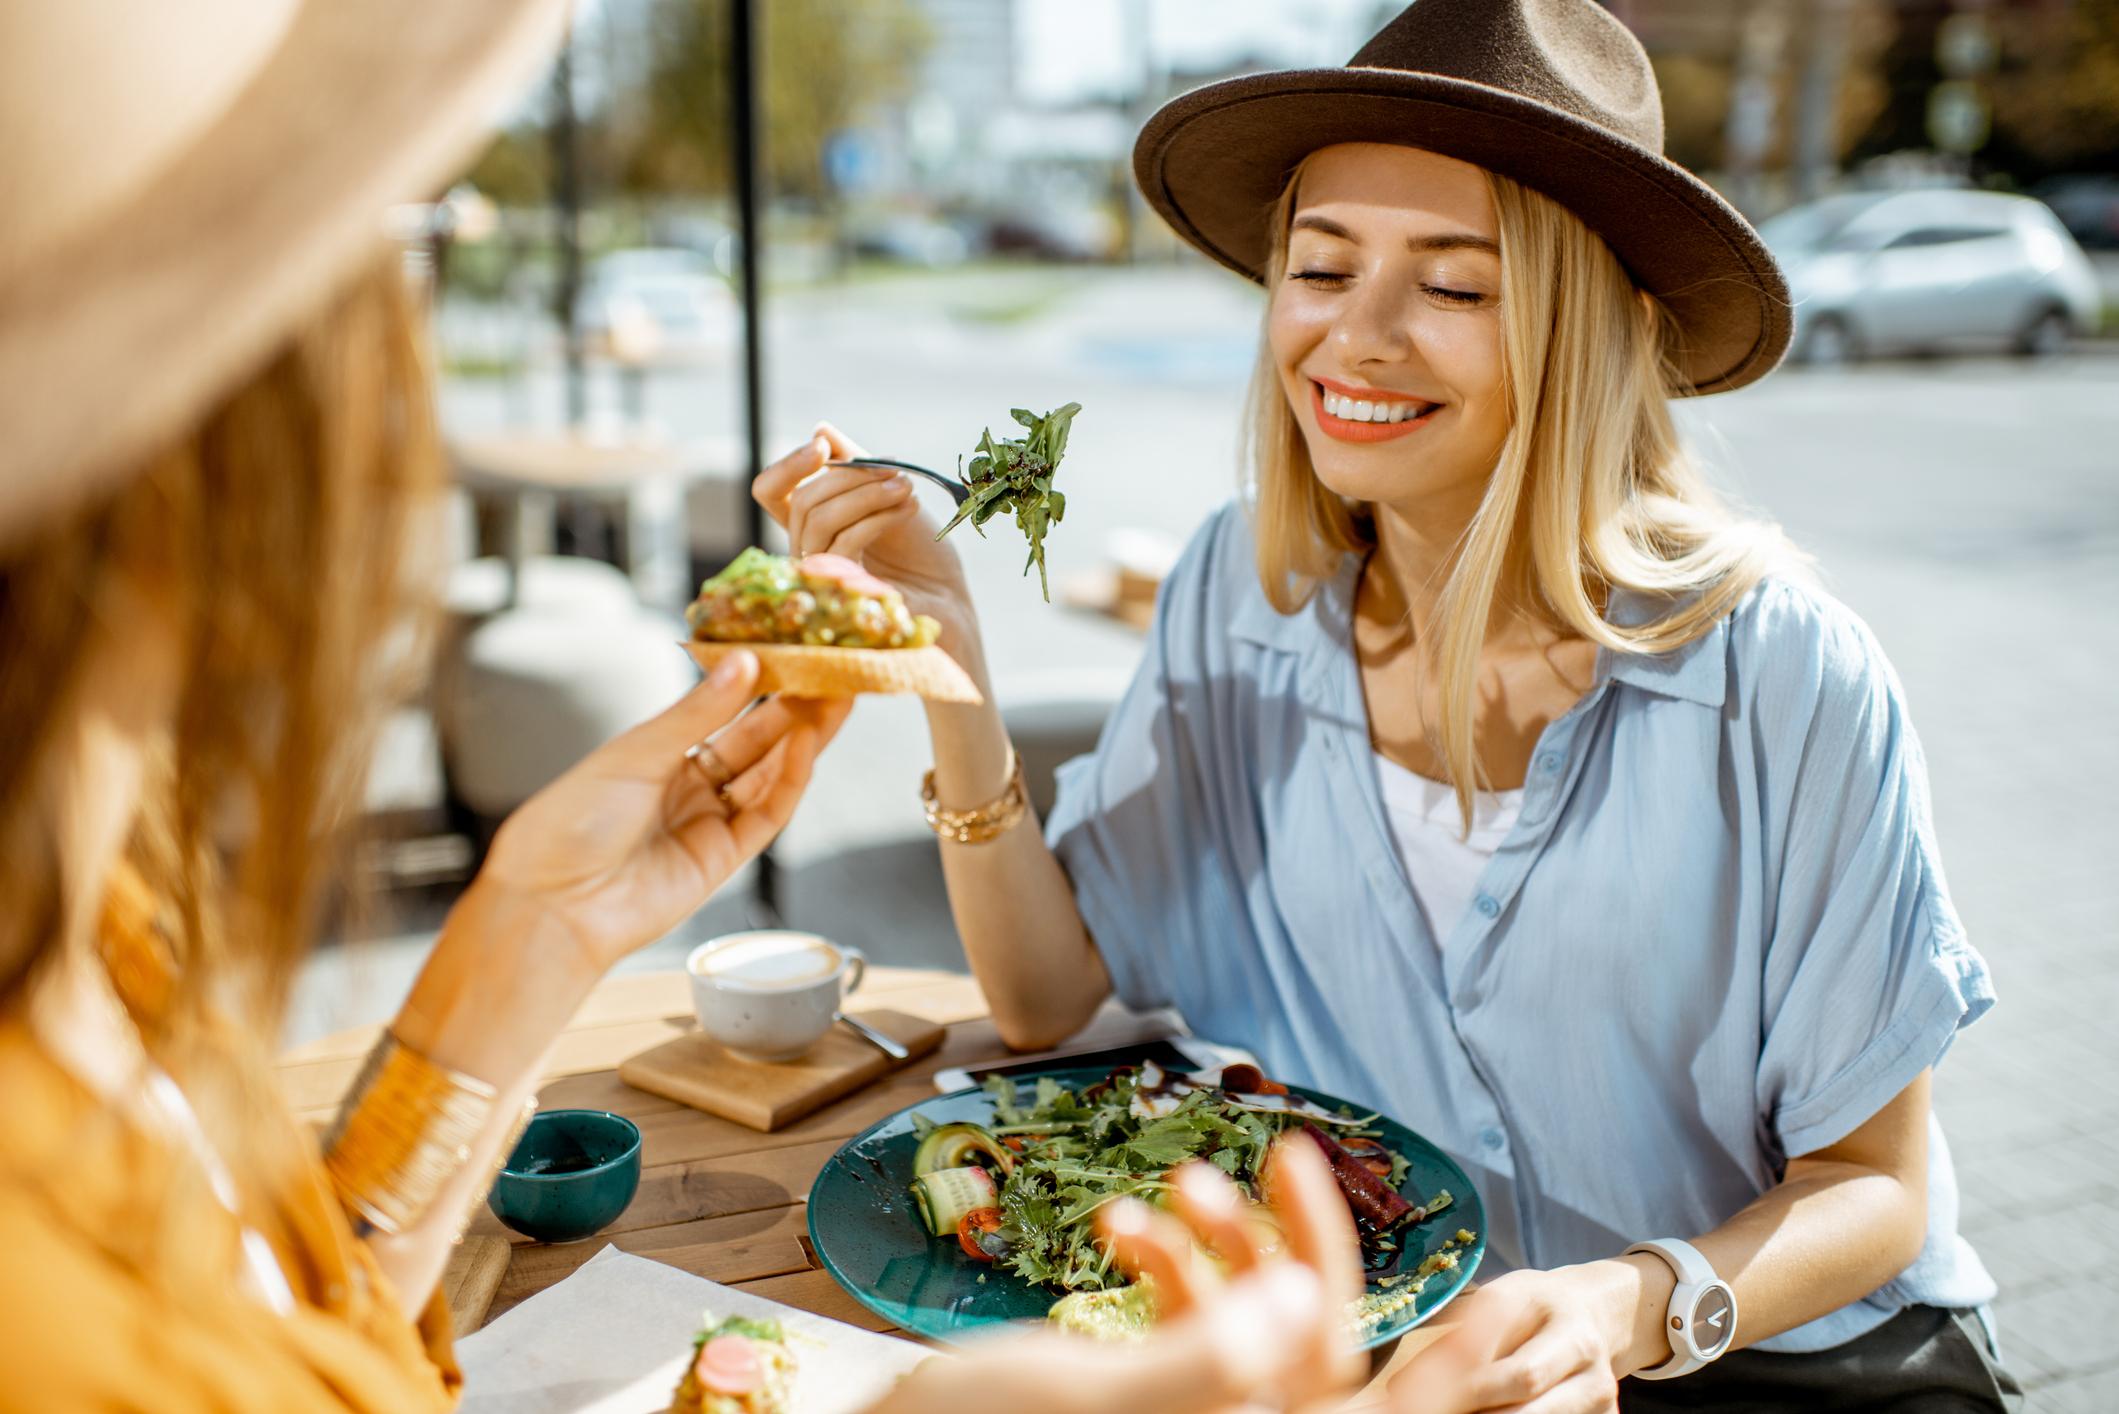 Sve o dijetama, čudesnim napicima, namirnicama koje ubrzavaju metabolizam i mršavljenje čitajte u novoj Viti.